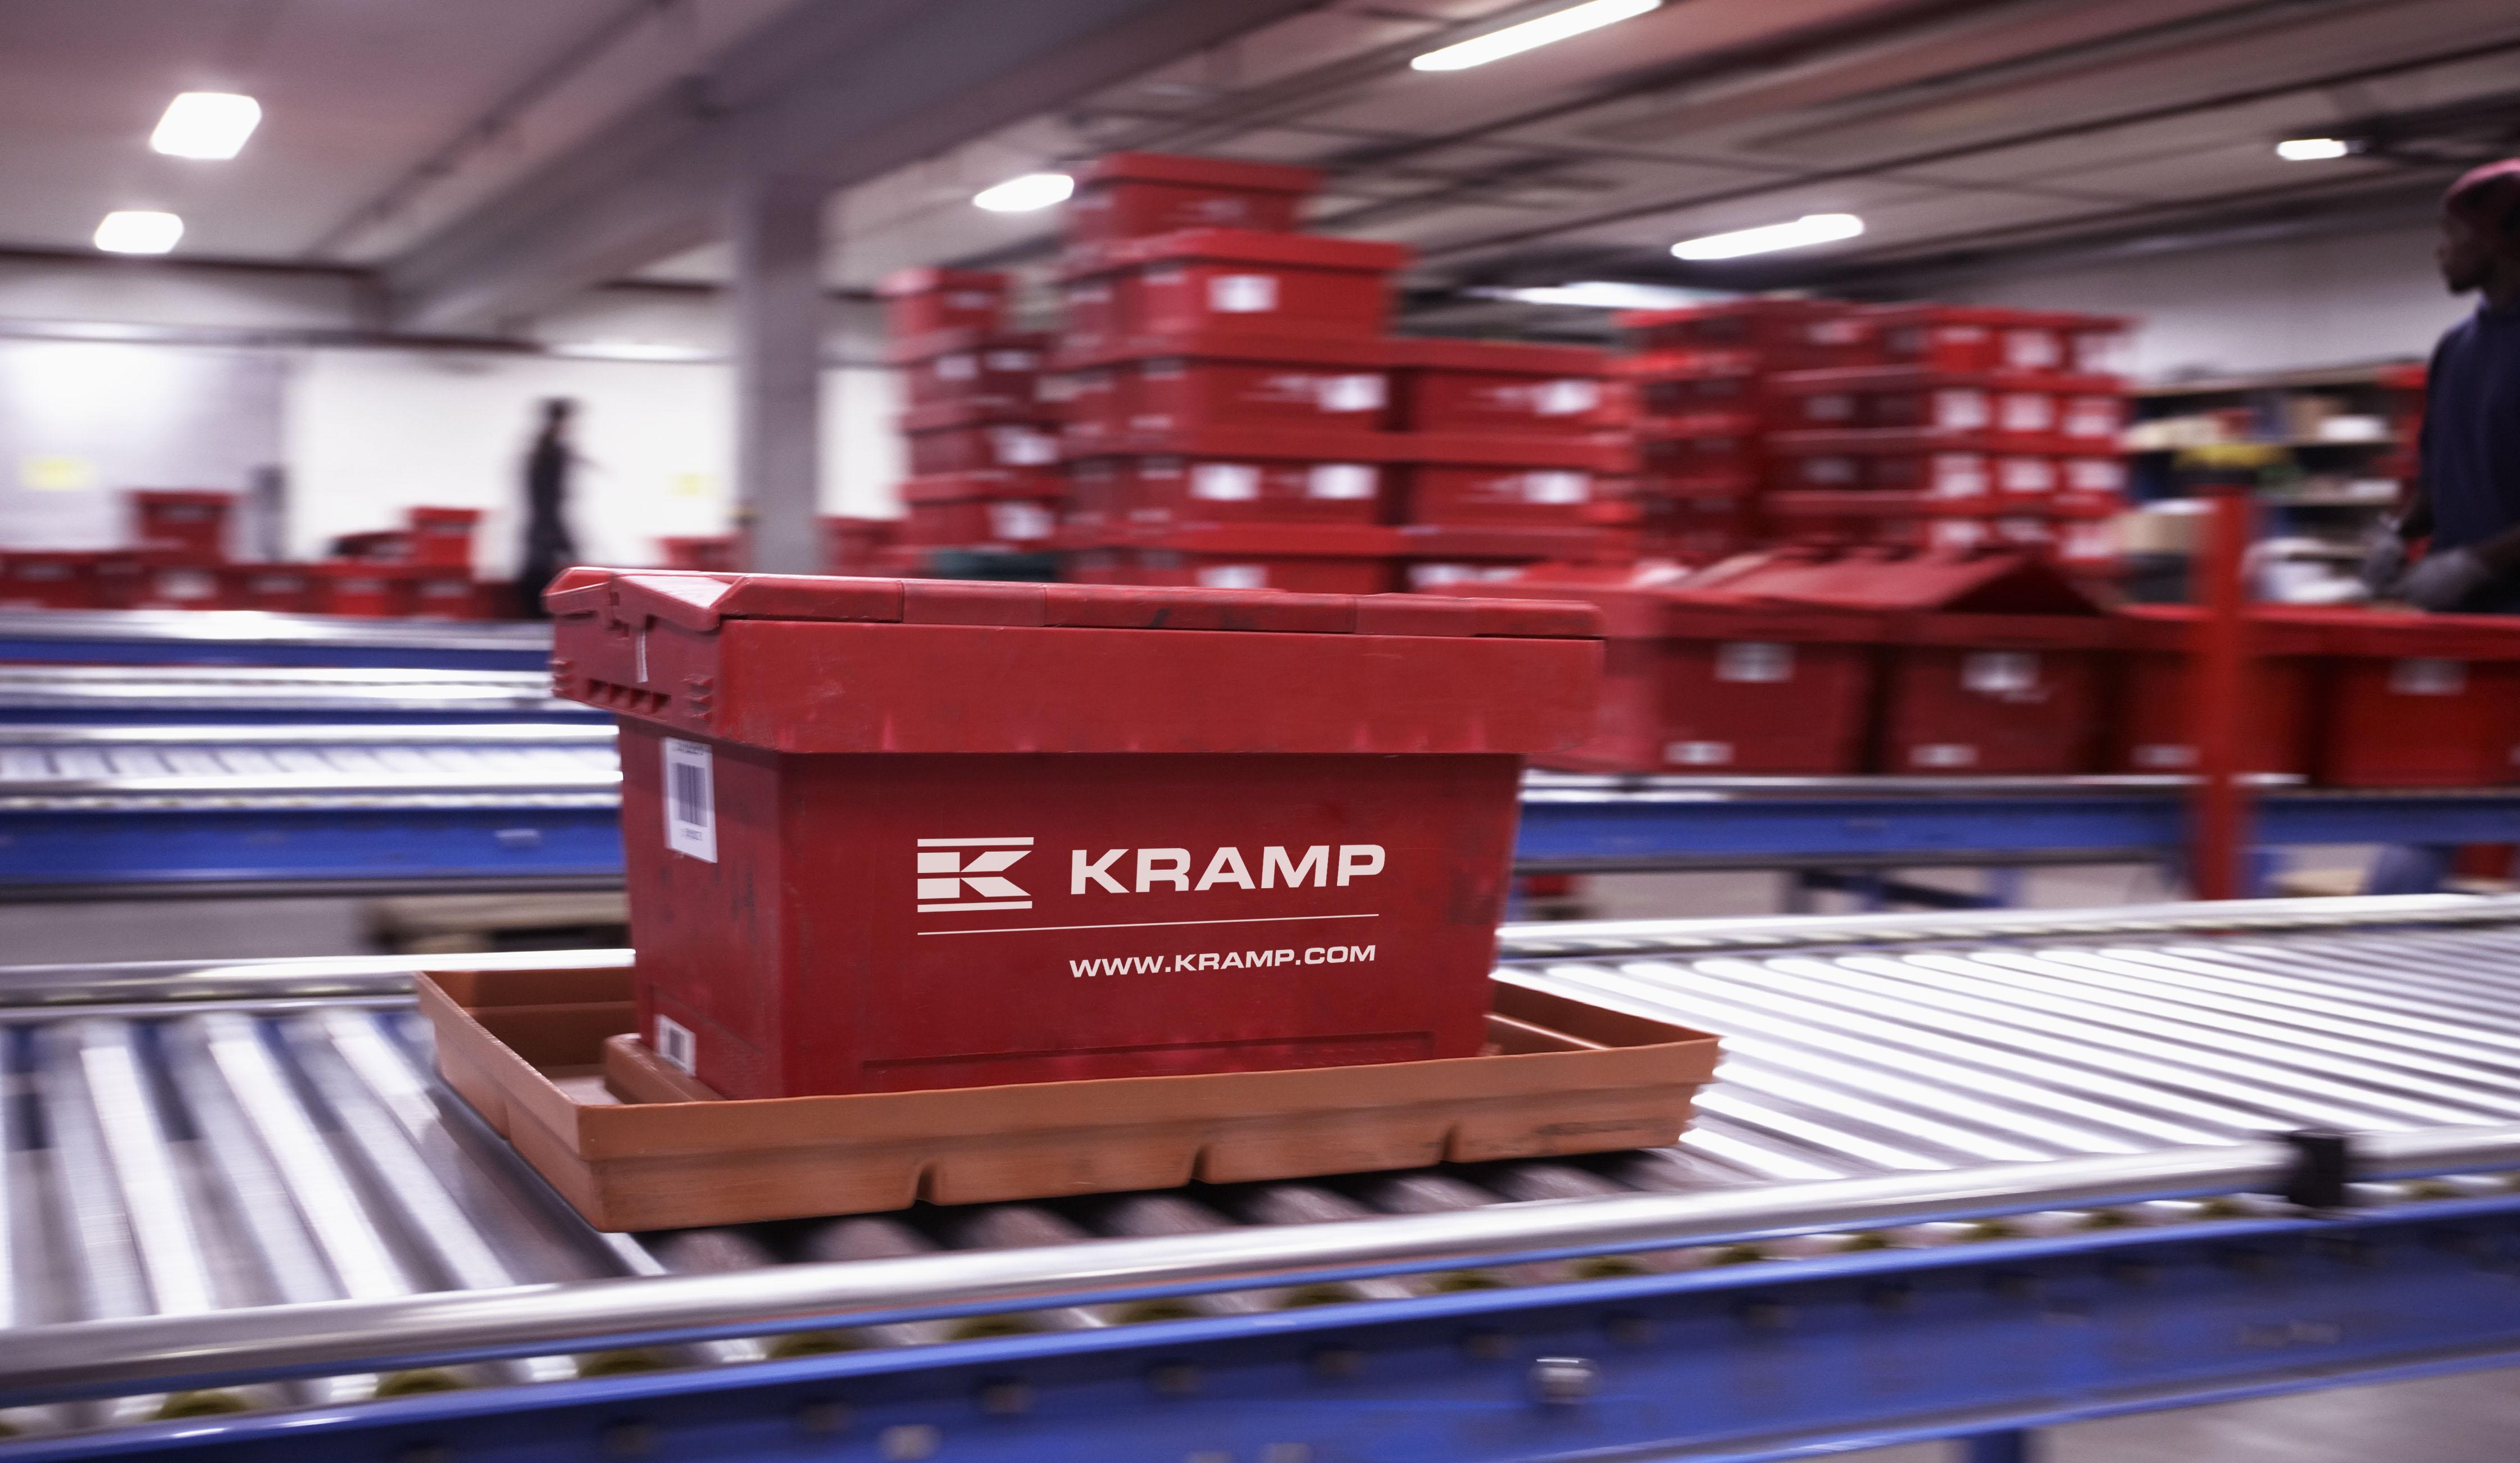 Kramp_it_s_that_easy.jpg